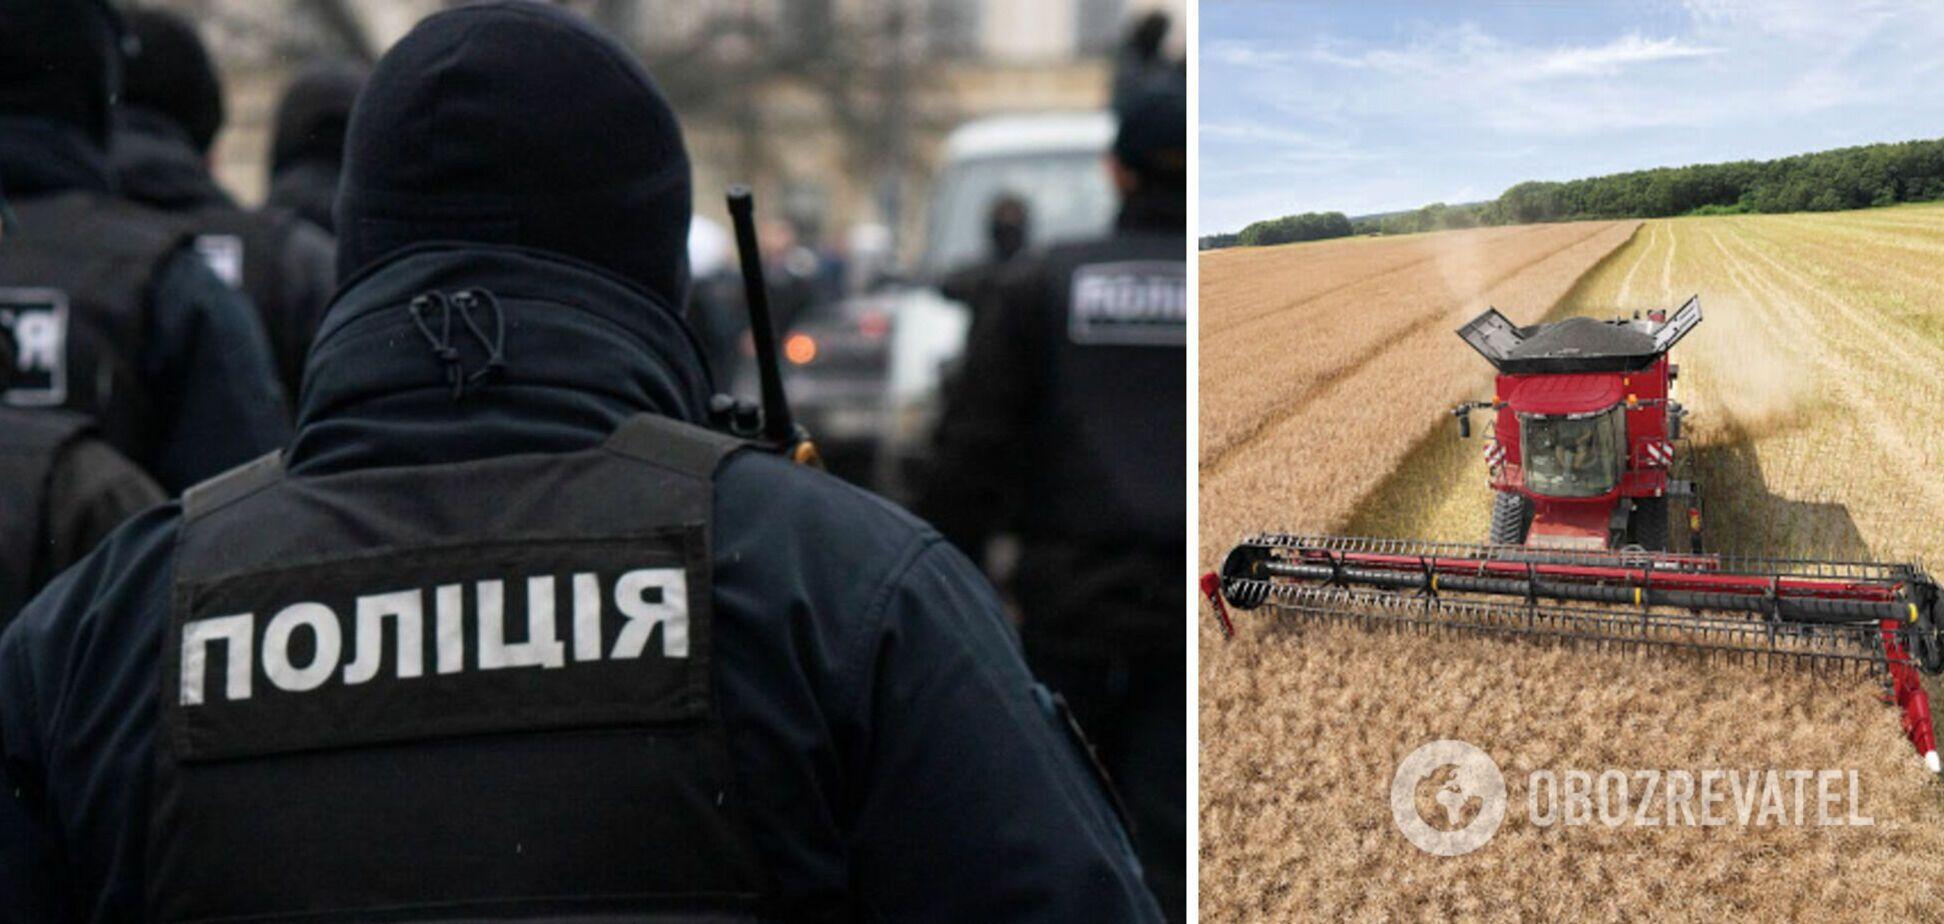 На Харьковщине полицейских обвинили в избиении фермеров